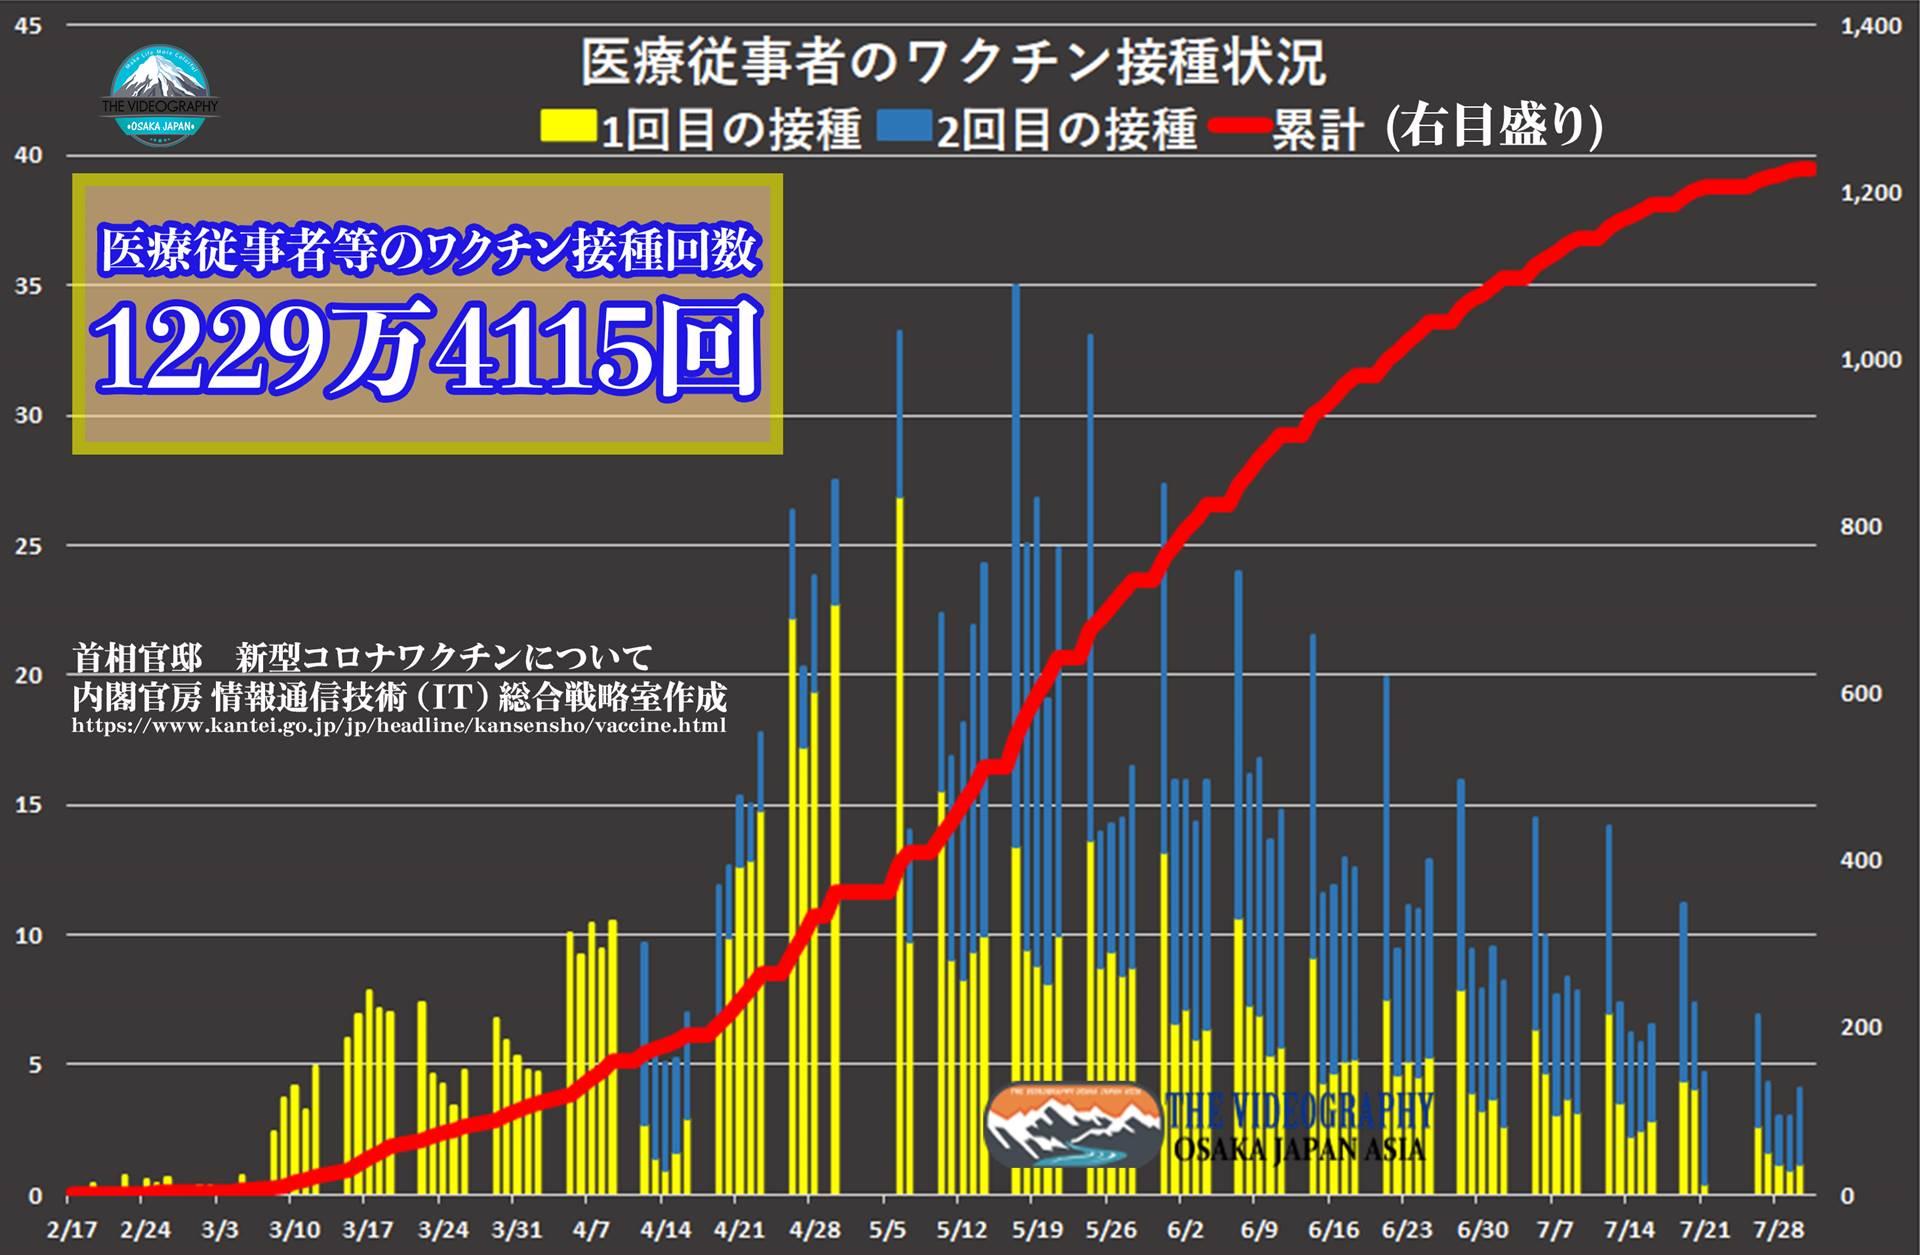 医療従事者への新型コロナウイルスのワクチン接種状況。 医療従事者へのワクチン接種 まもなく完了・Vaccines rapidly rolls out in Japan. ワクチン接種状況・医療従事者など総接種回数:460万人と推定されている医療従事者へのワクチン接種が1週間以内に完了する。既に850万回の接種が完了しており、残り、約70万回が必要。過去の実績より、1日15万回の接種と想定すると、5日程度で完了することとなる。※医療従事者460万と計算されているが、1回目の接種回数は460万人を超えて約495万回となっている。